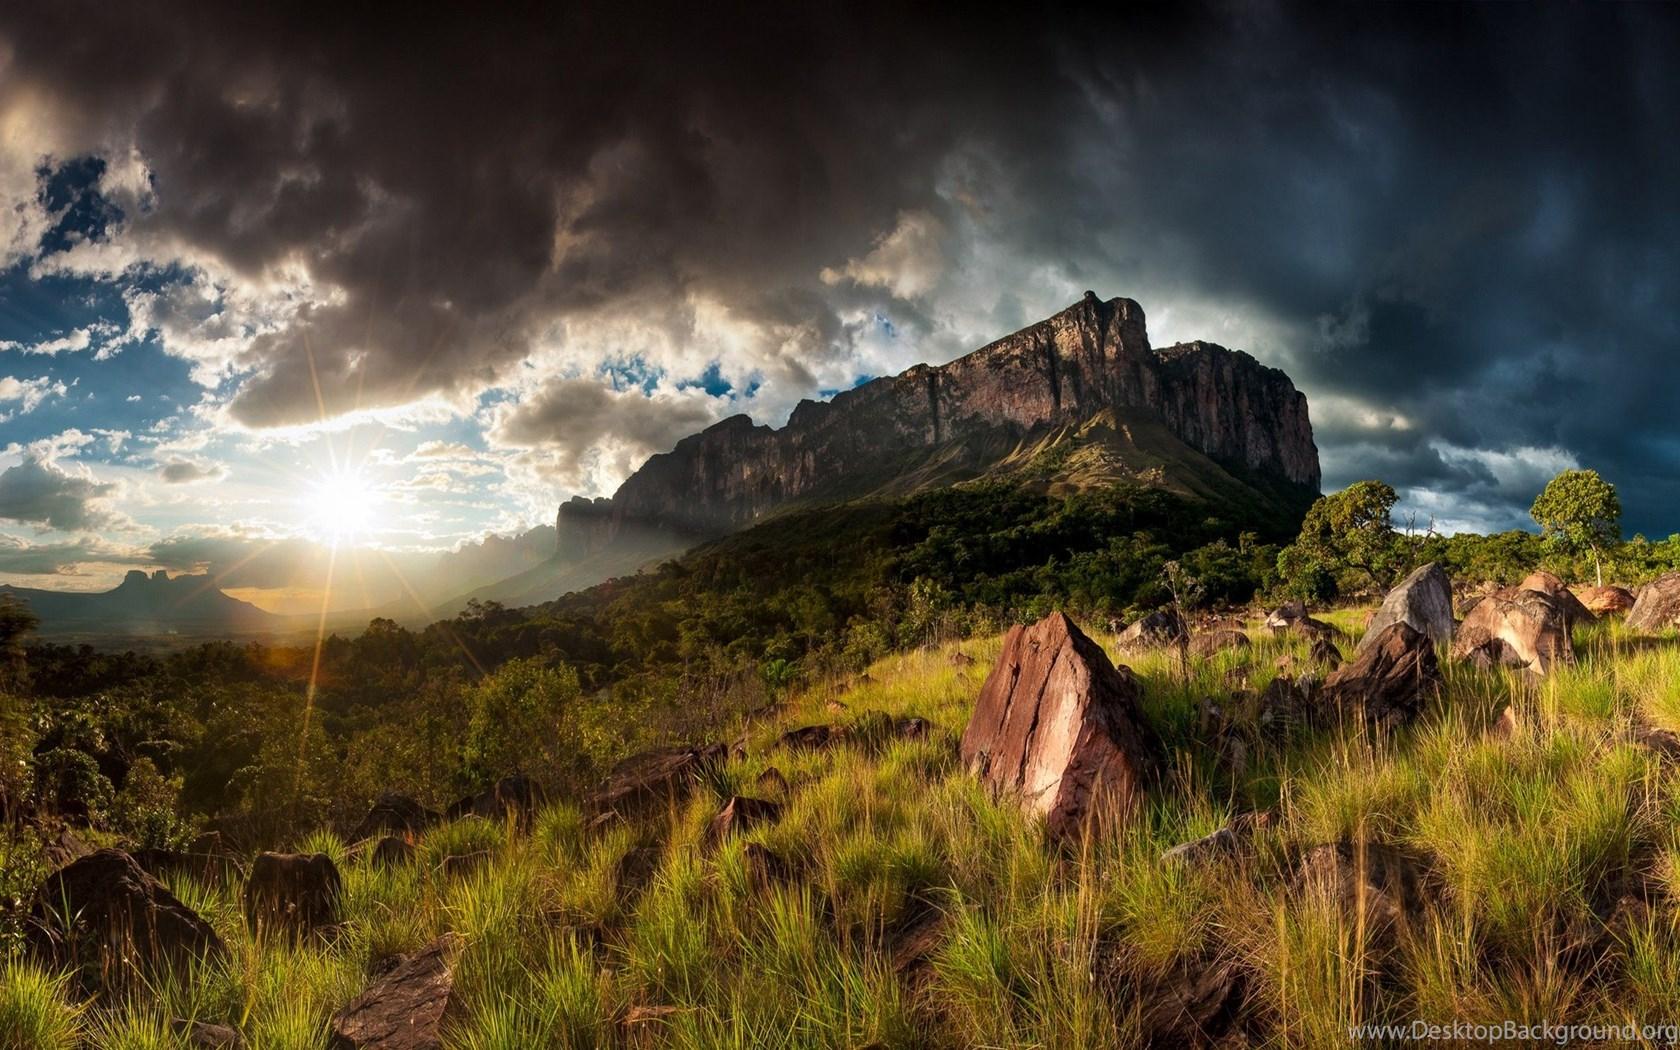 Скалы горы облака трава деревья  № 2863409 бесплатно